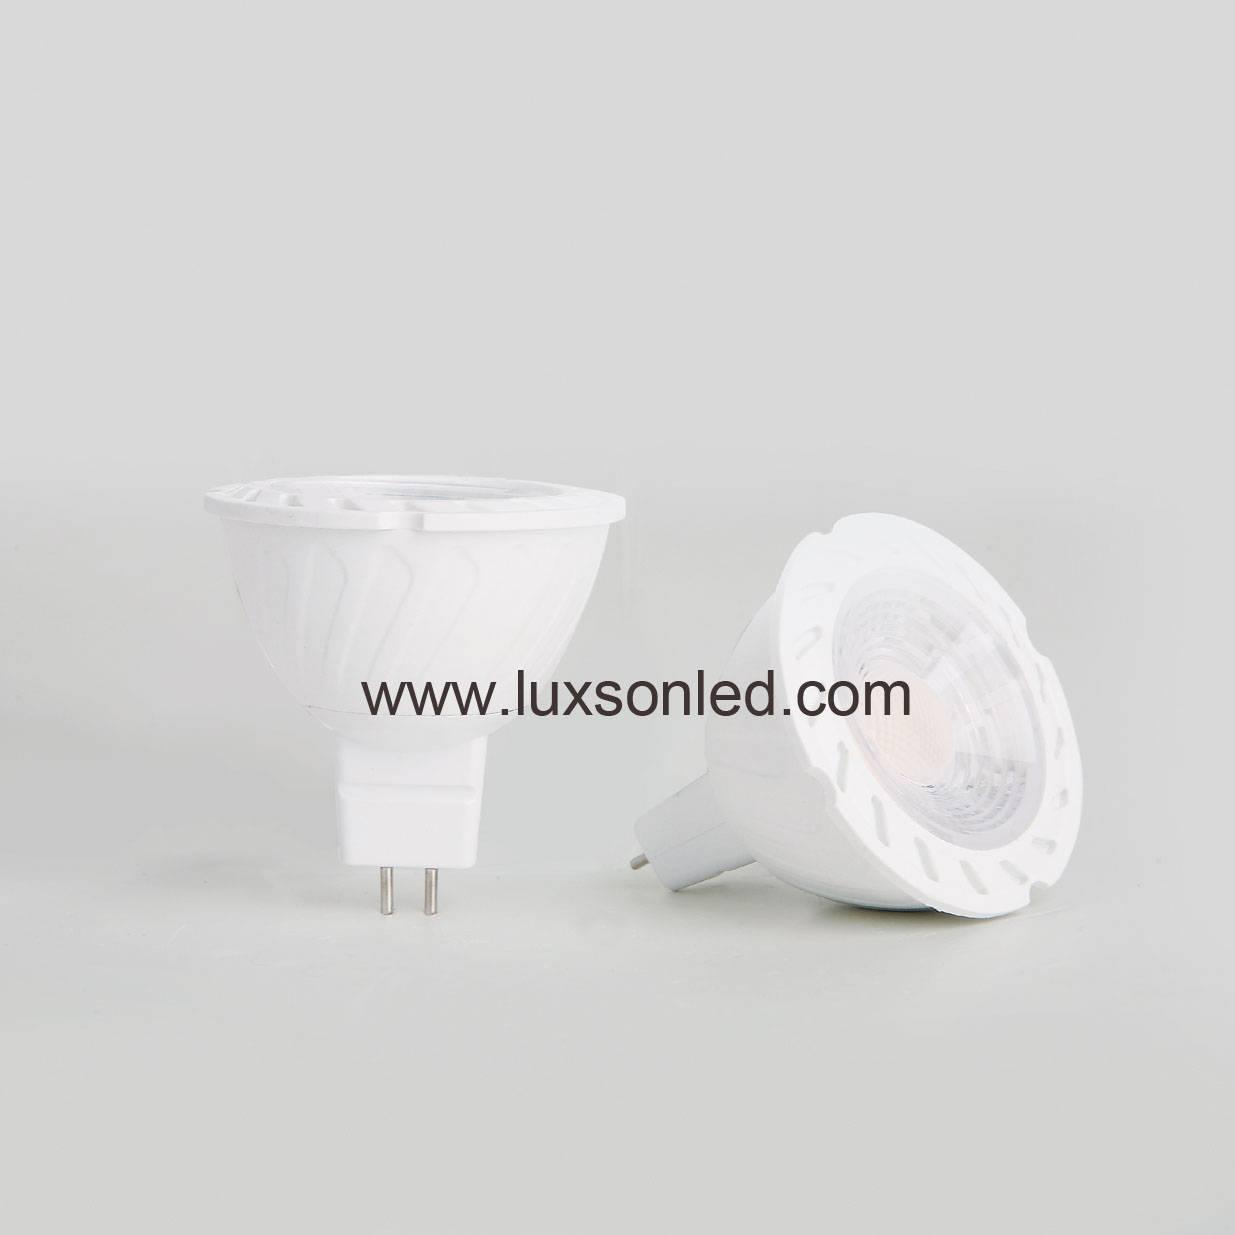 LED Lamp MR16 LED Light LED Bulb